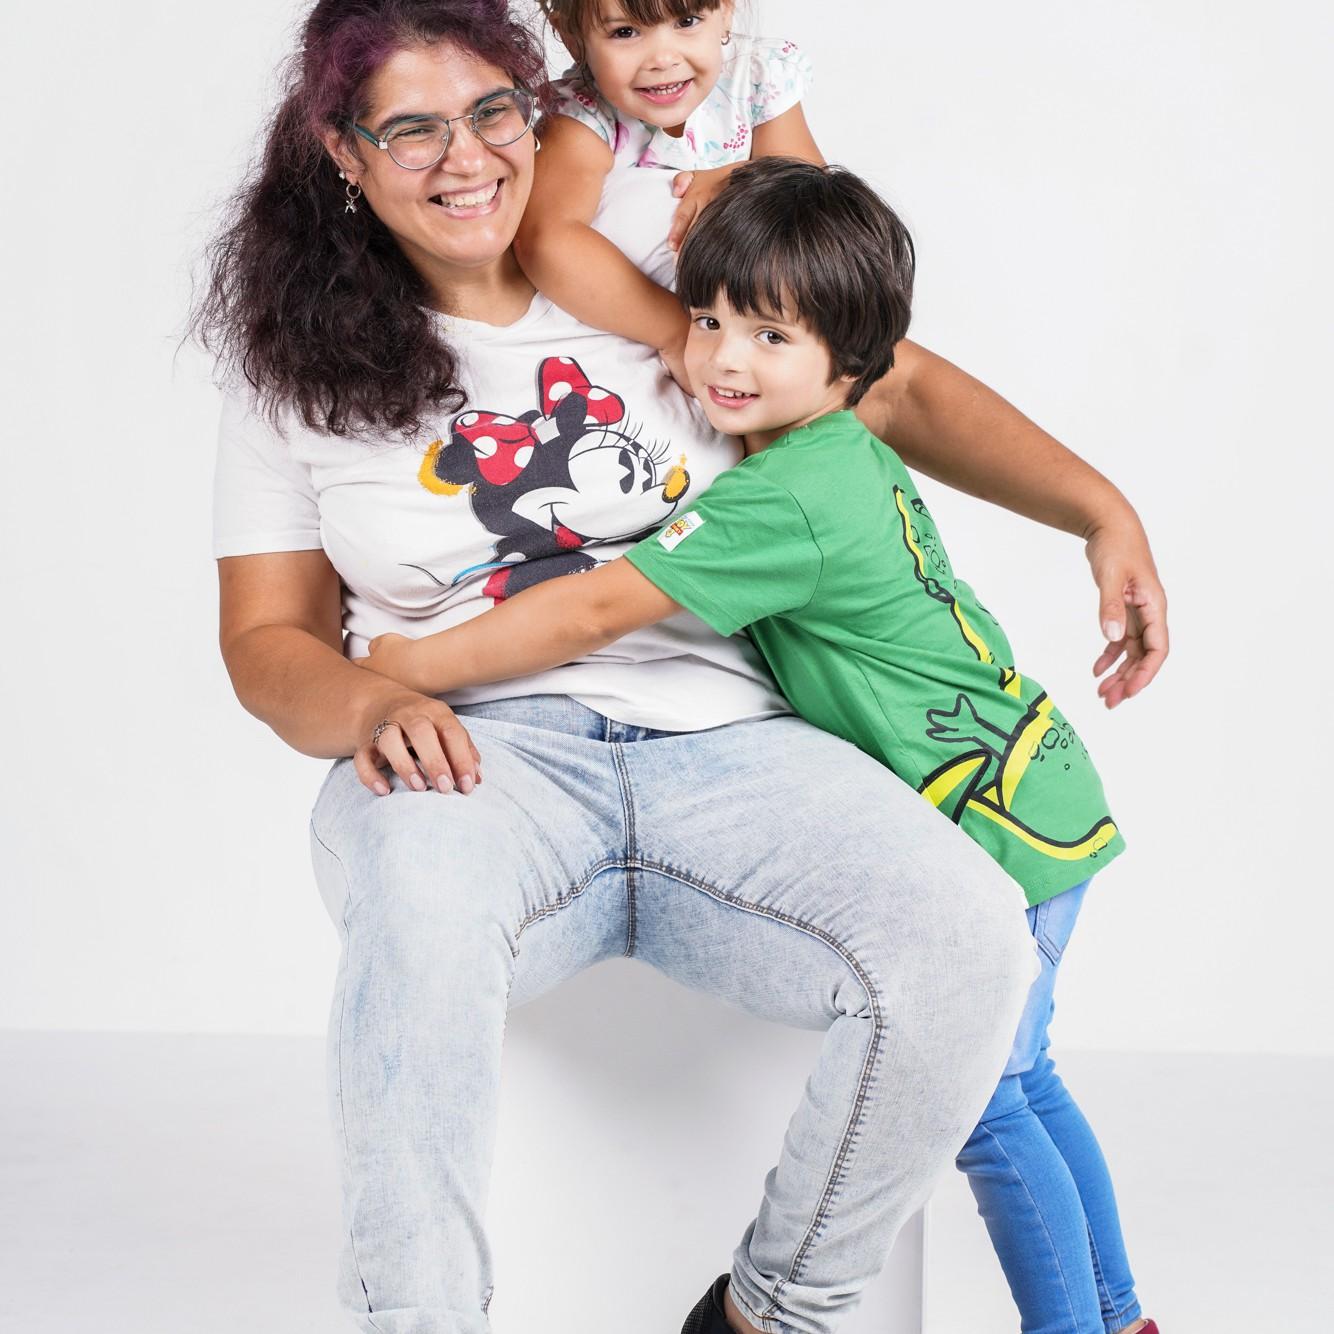 Studio koudijs Gezin en familie fotoshoot